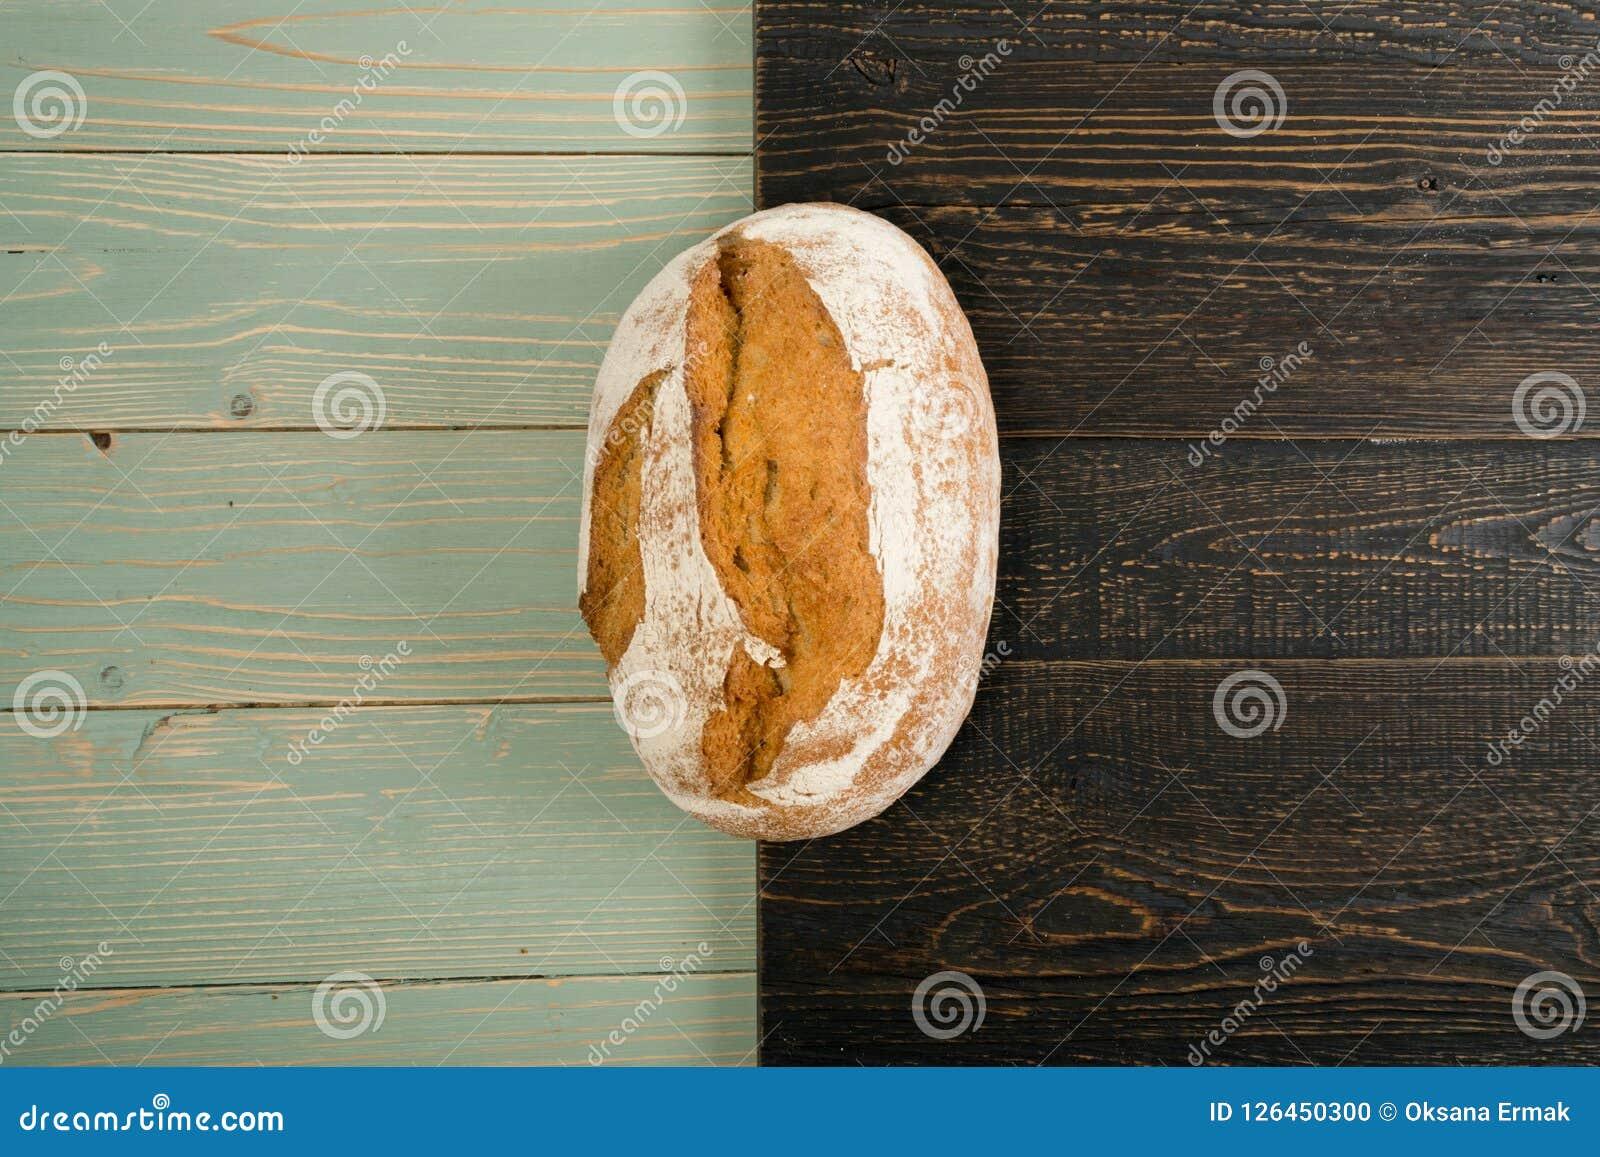 Свеже испеченный традиционный хлеб на деревенской предпосылке